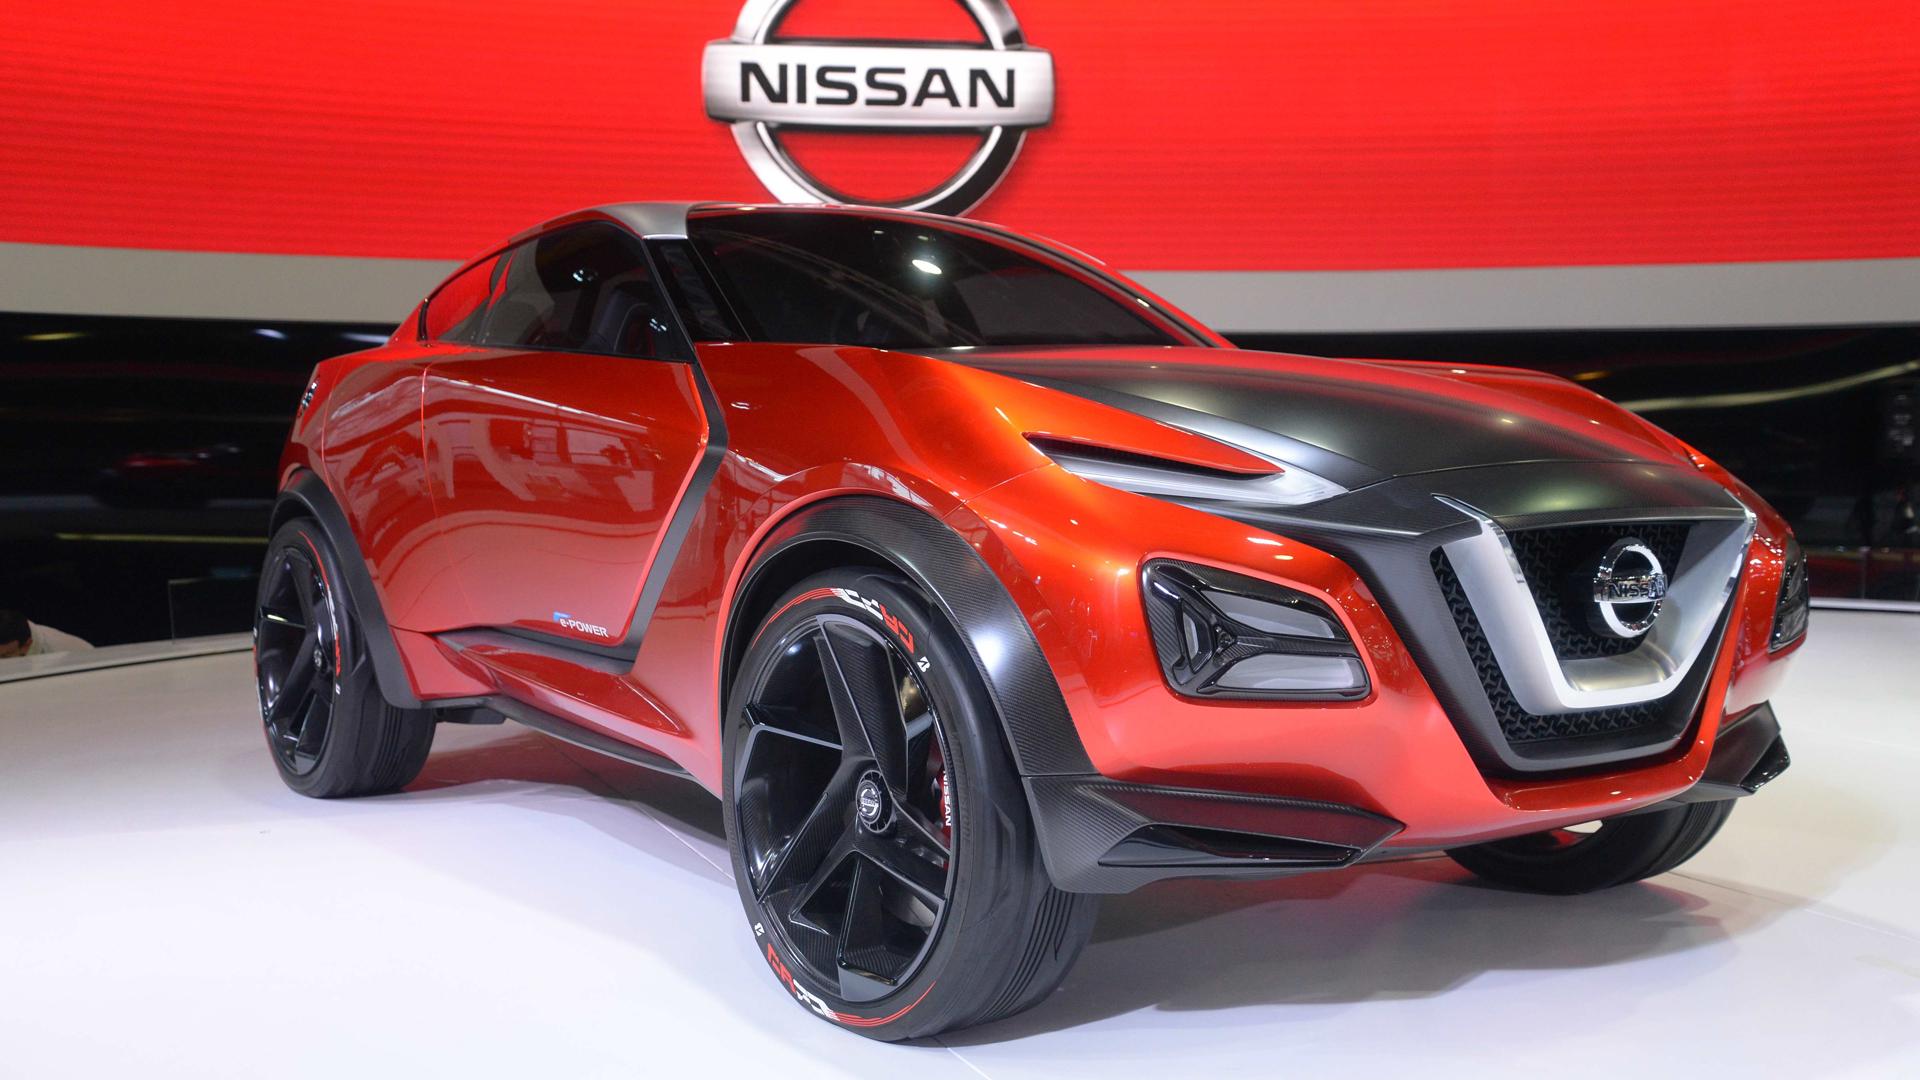 El Nissan Gripz combina las funciones de un deportivo con una estética crossover (Enrique Abatte)